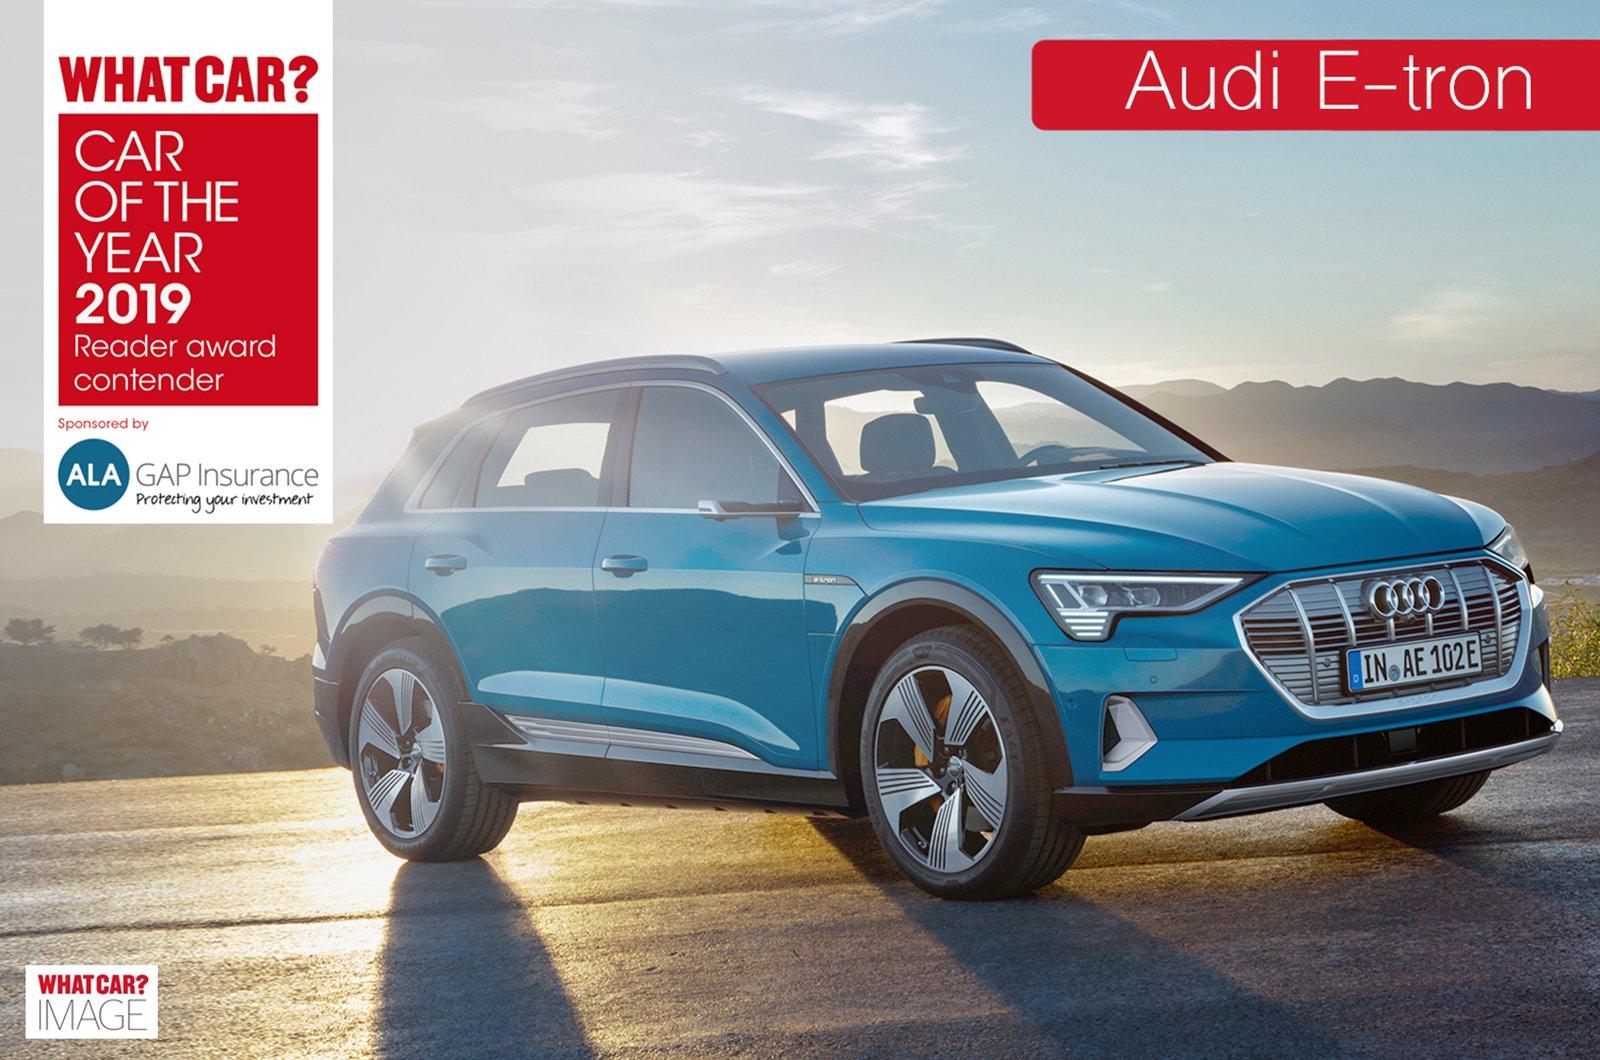 Audi E-tron Reader Award